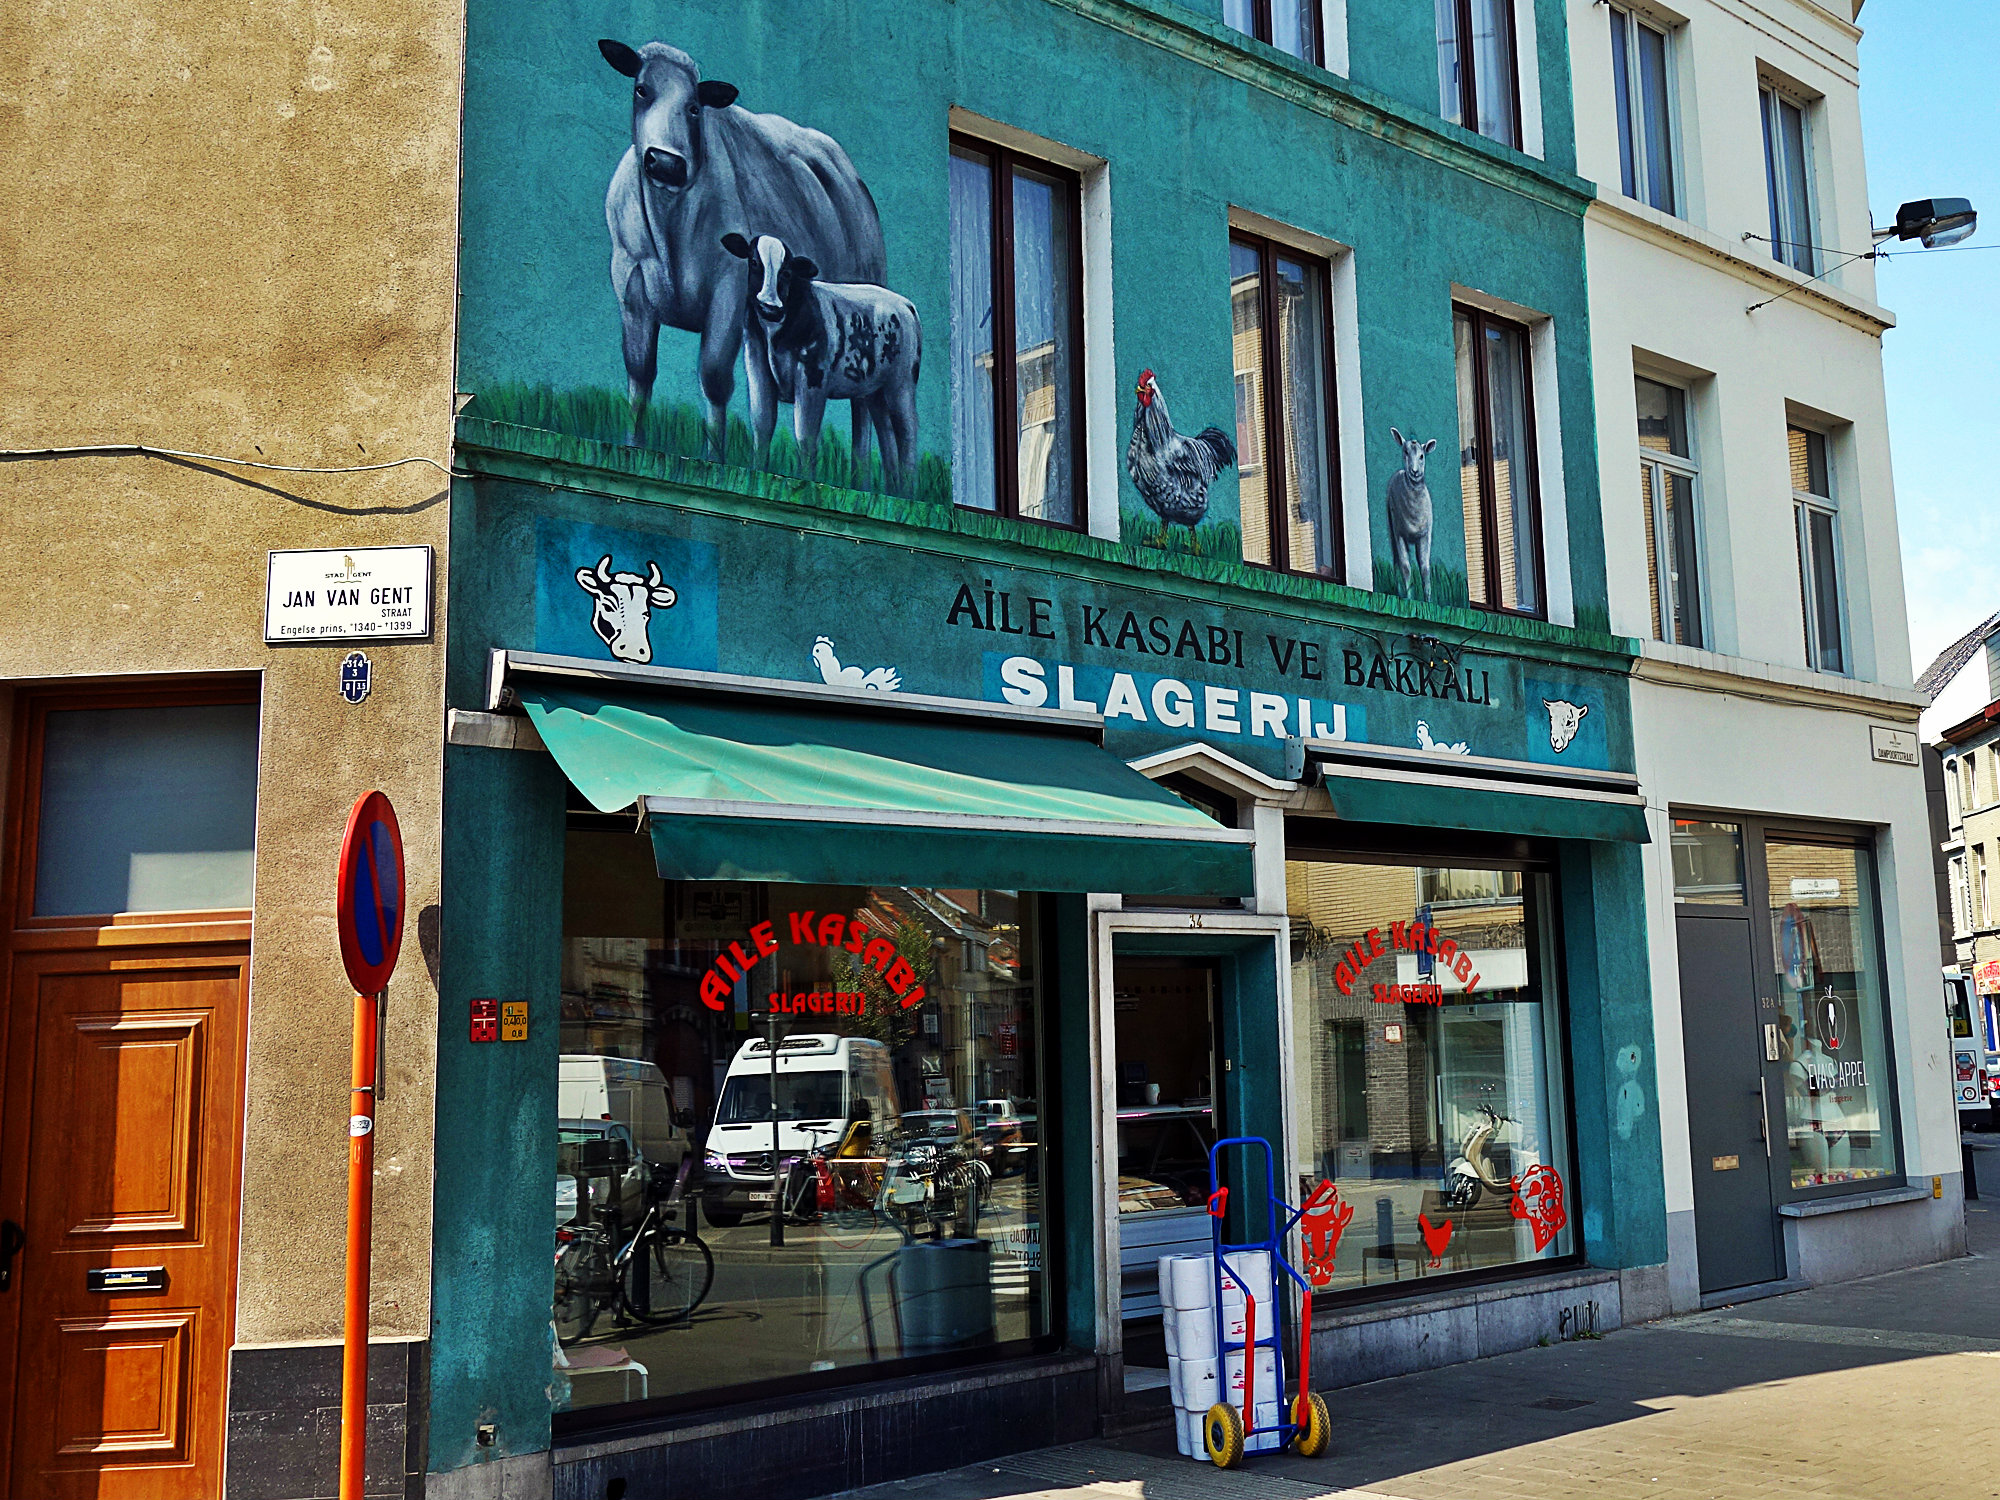 Aile Kasabı ve Bakkalı Slagerij, Gent 2018